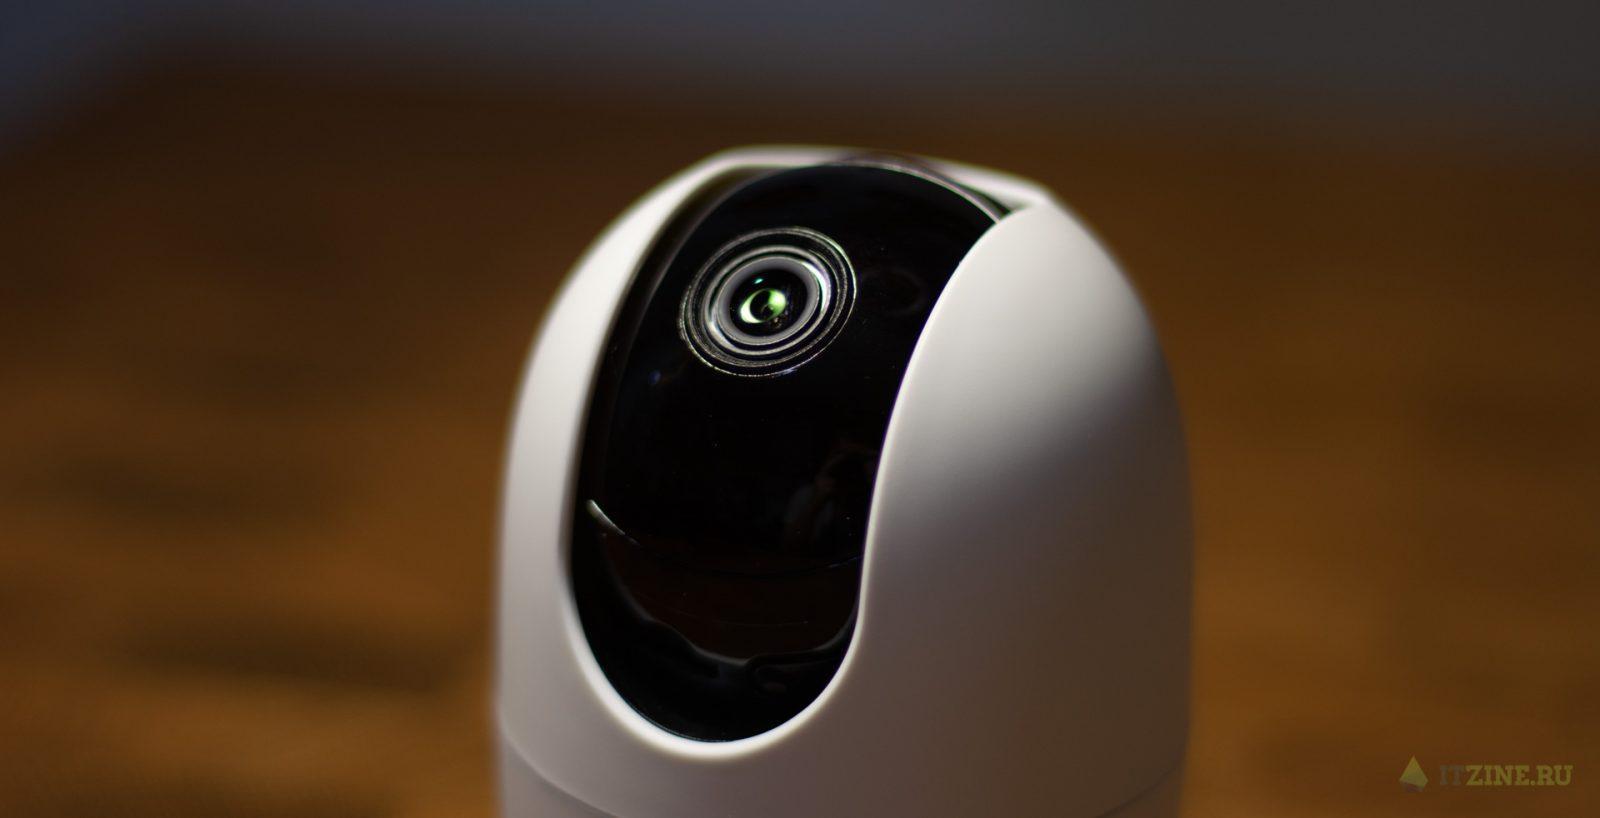 Обзор камеры IMOU Ranger 2. Дом под присмотром (Imou Ranger2 12)